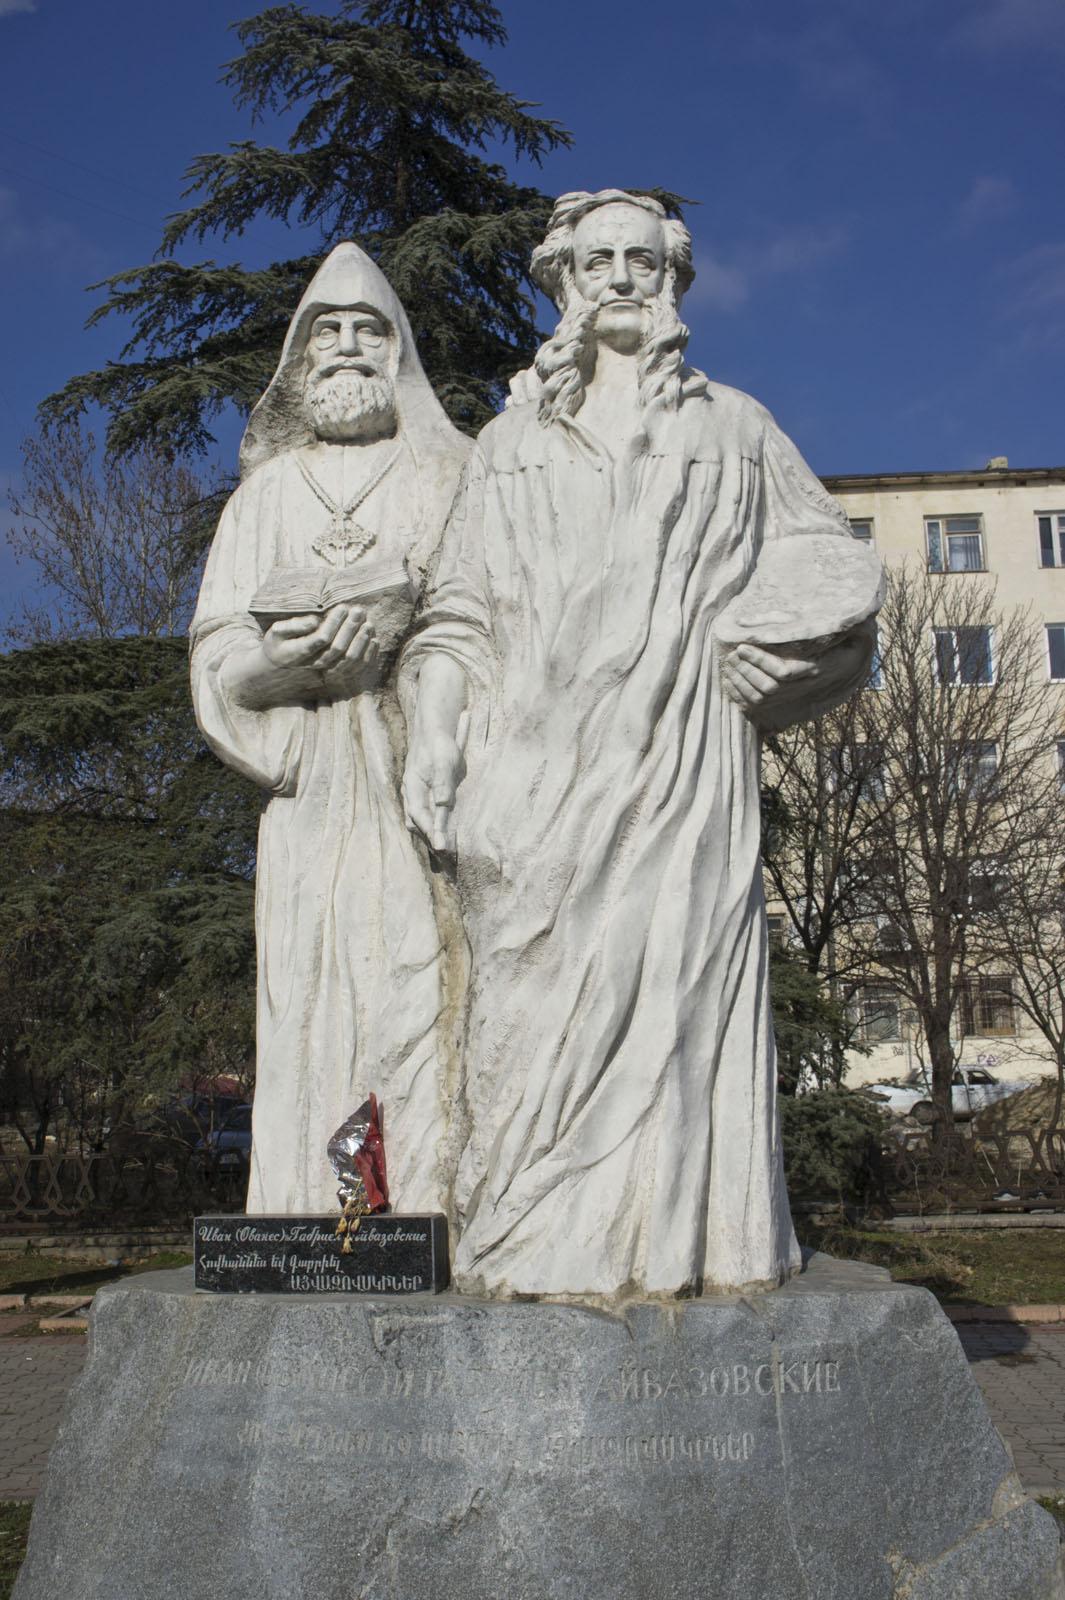 Фото №69916. Памятник братьям Айвазовским